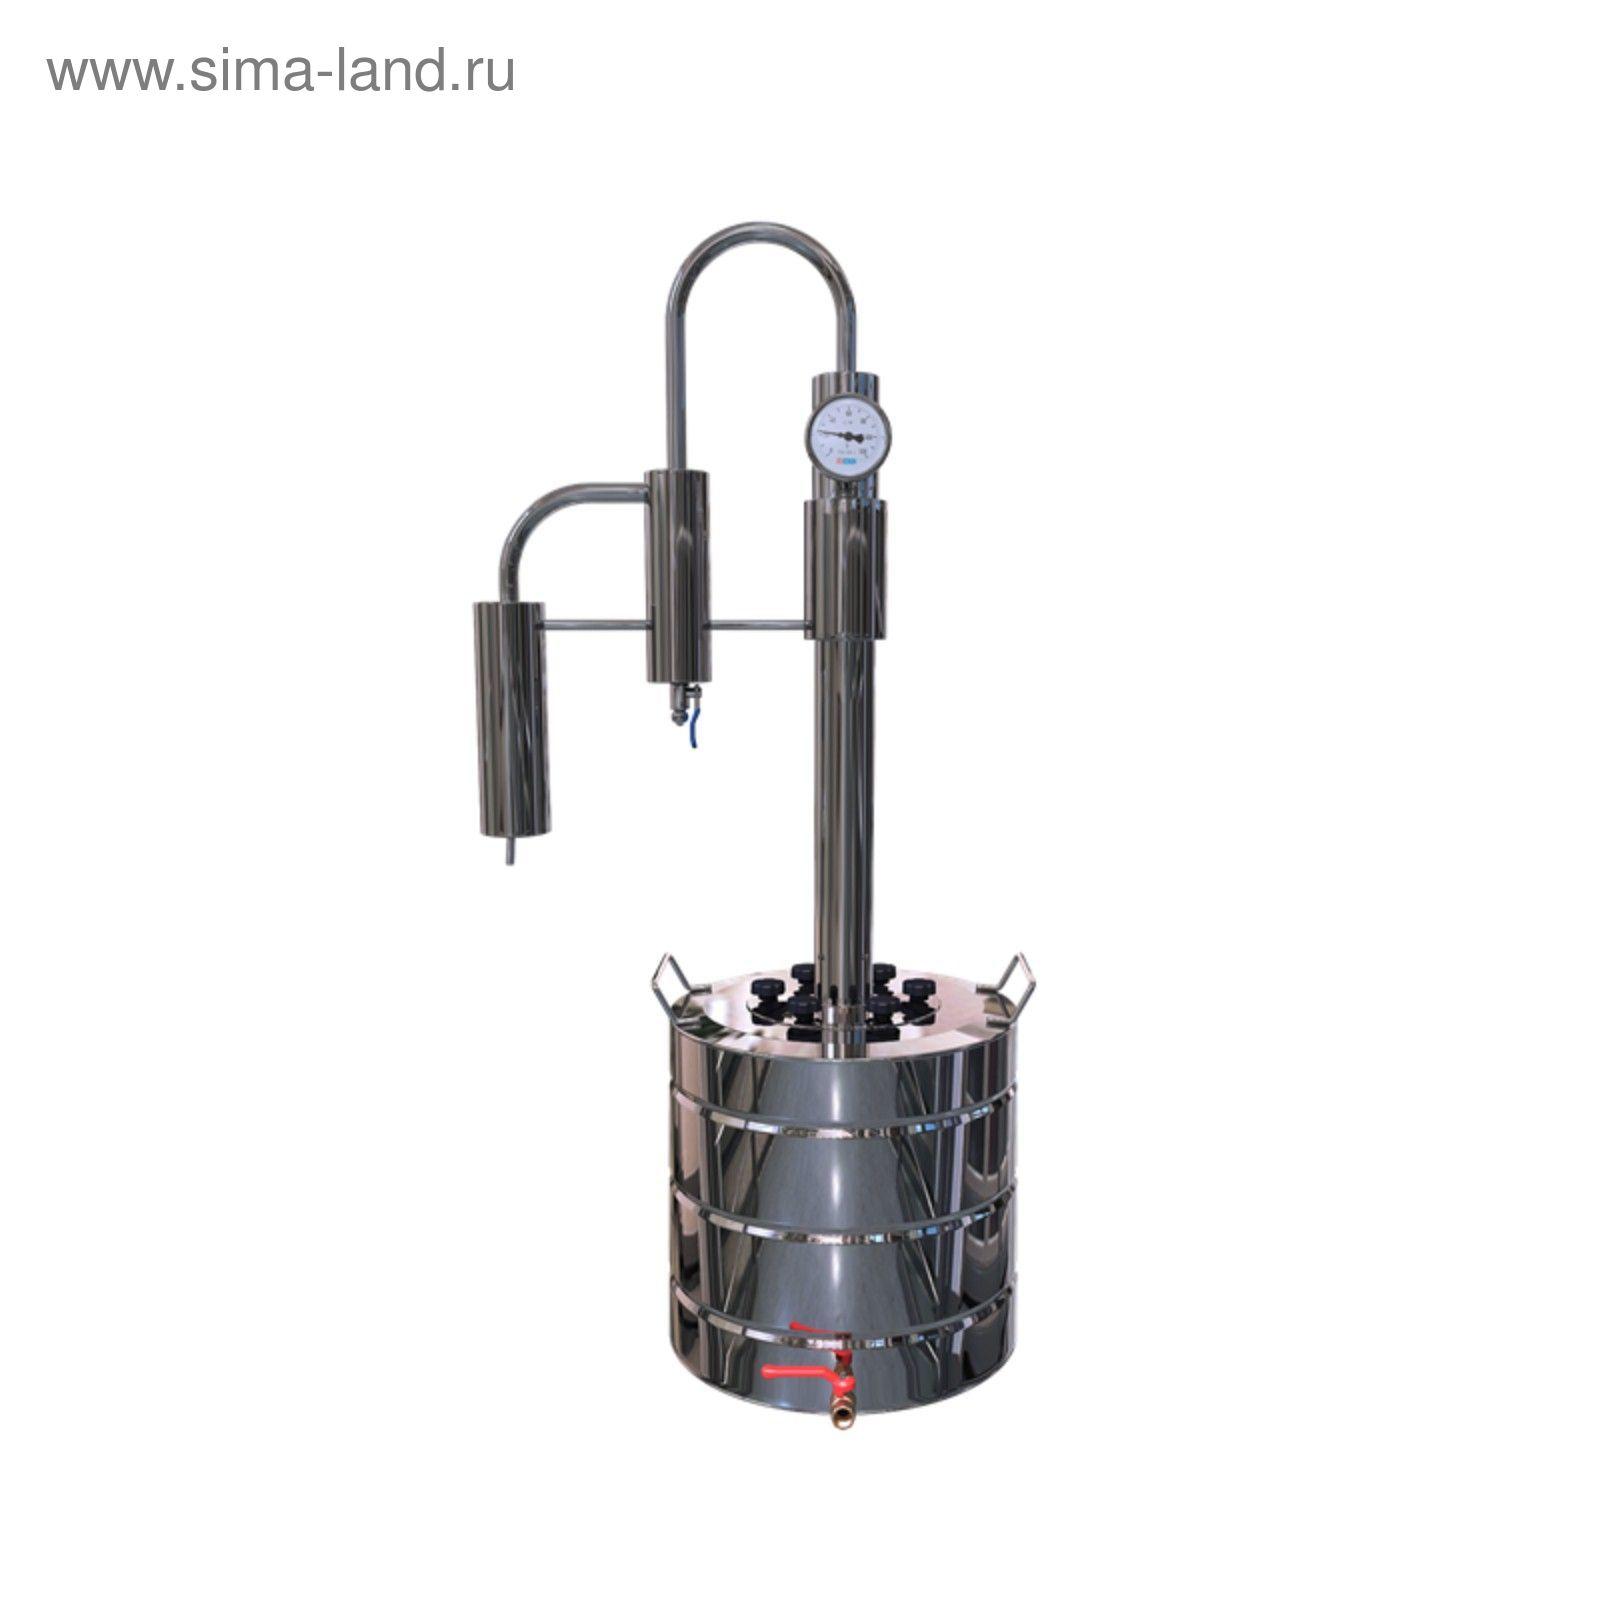 Как купить через интернет магазин самогонный аппарат самогонный аппарат магазин в ставрополе